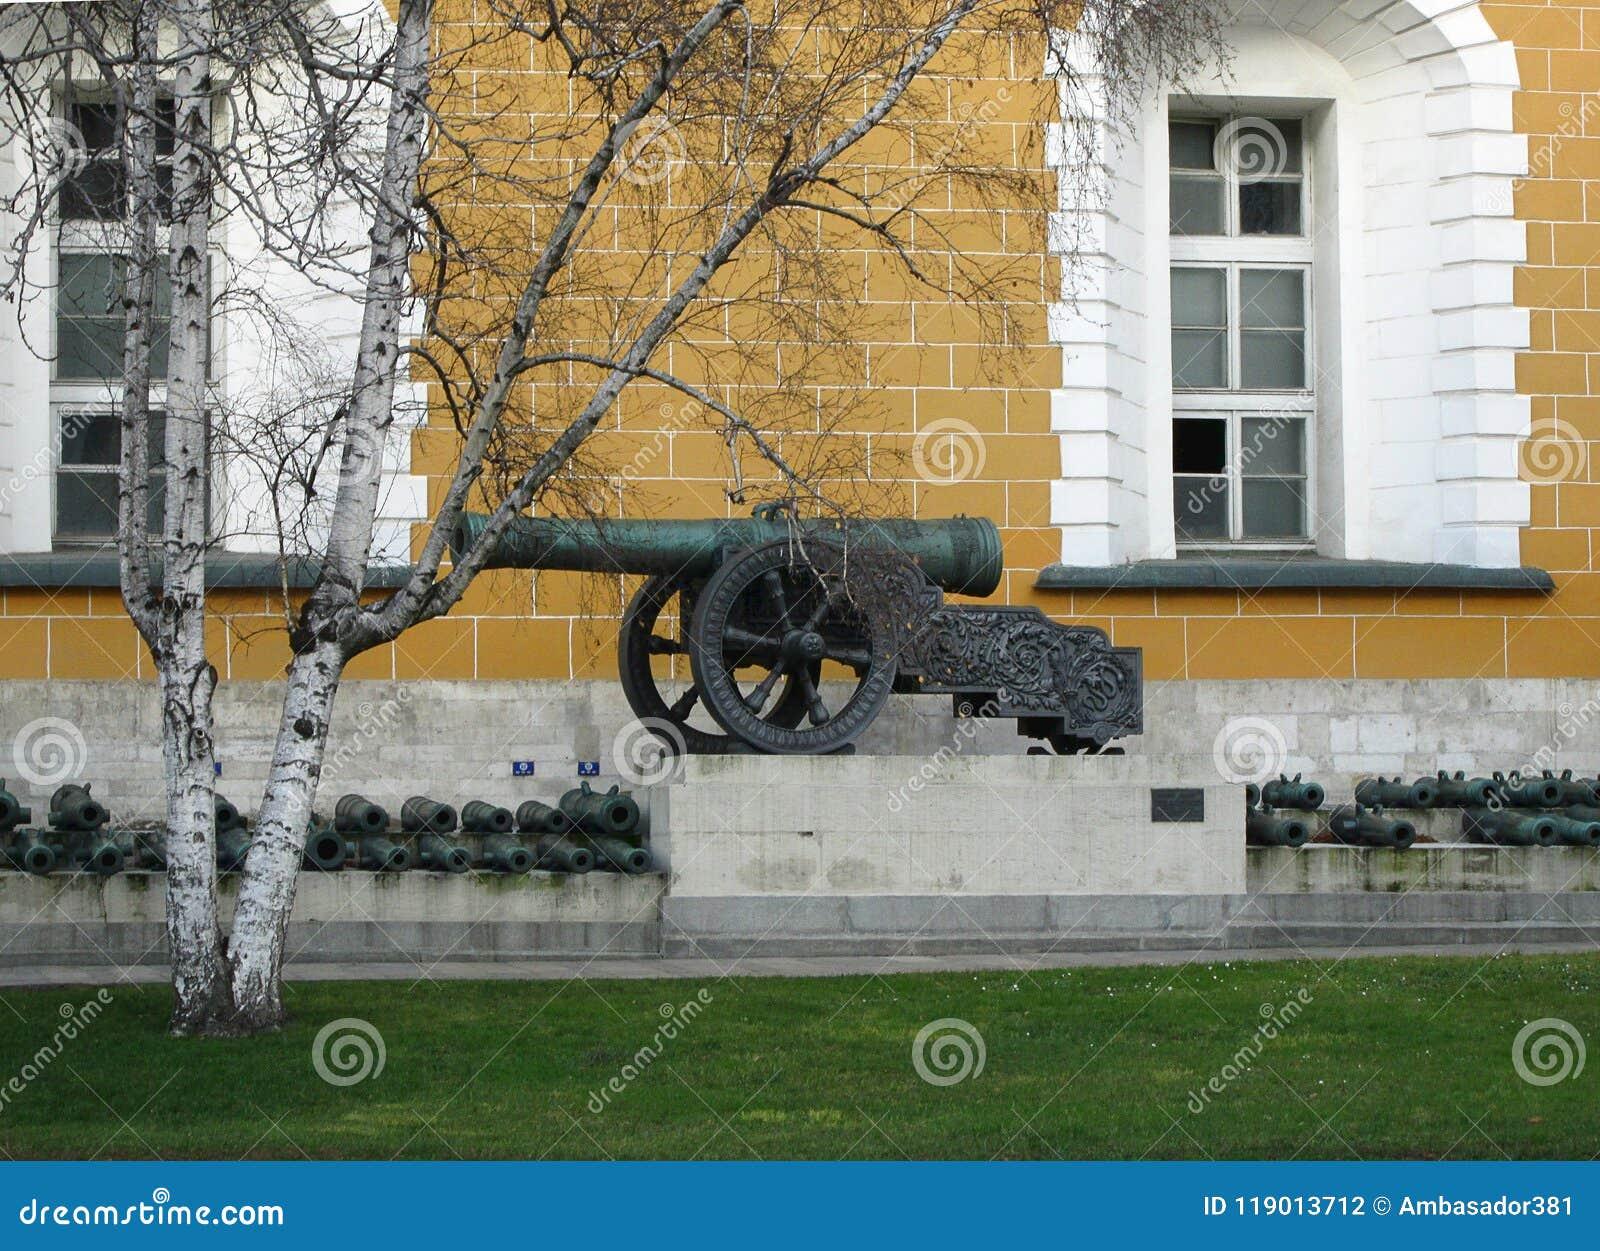 Kanone innerhalb des Kremls im Roten Platz, Moskau Russland